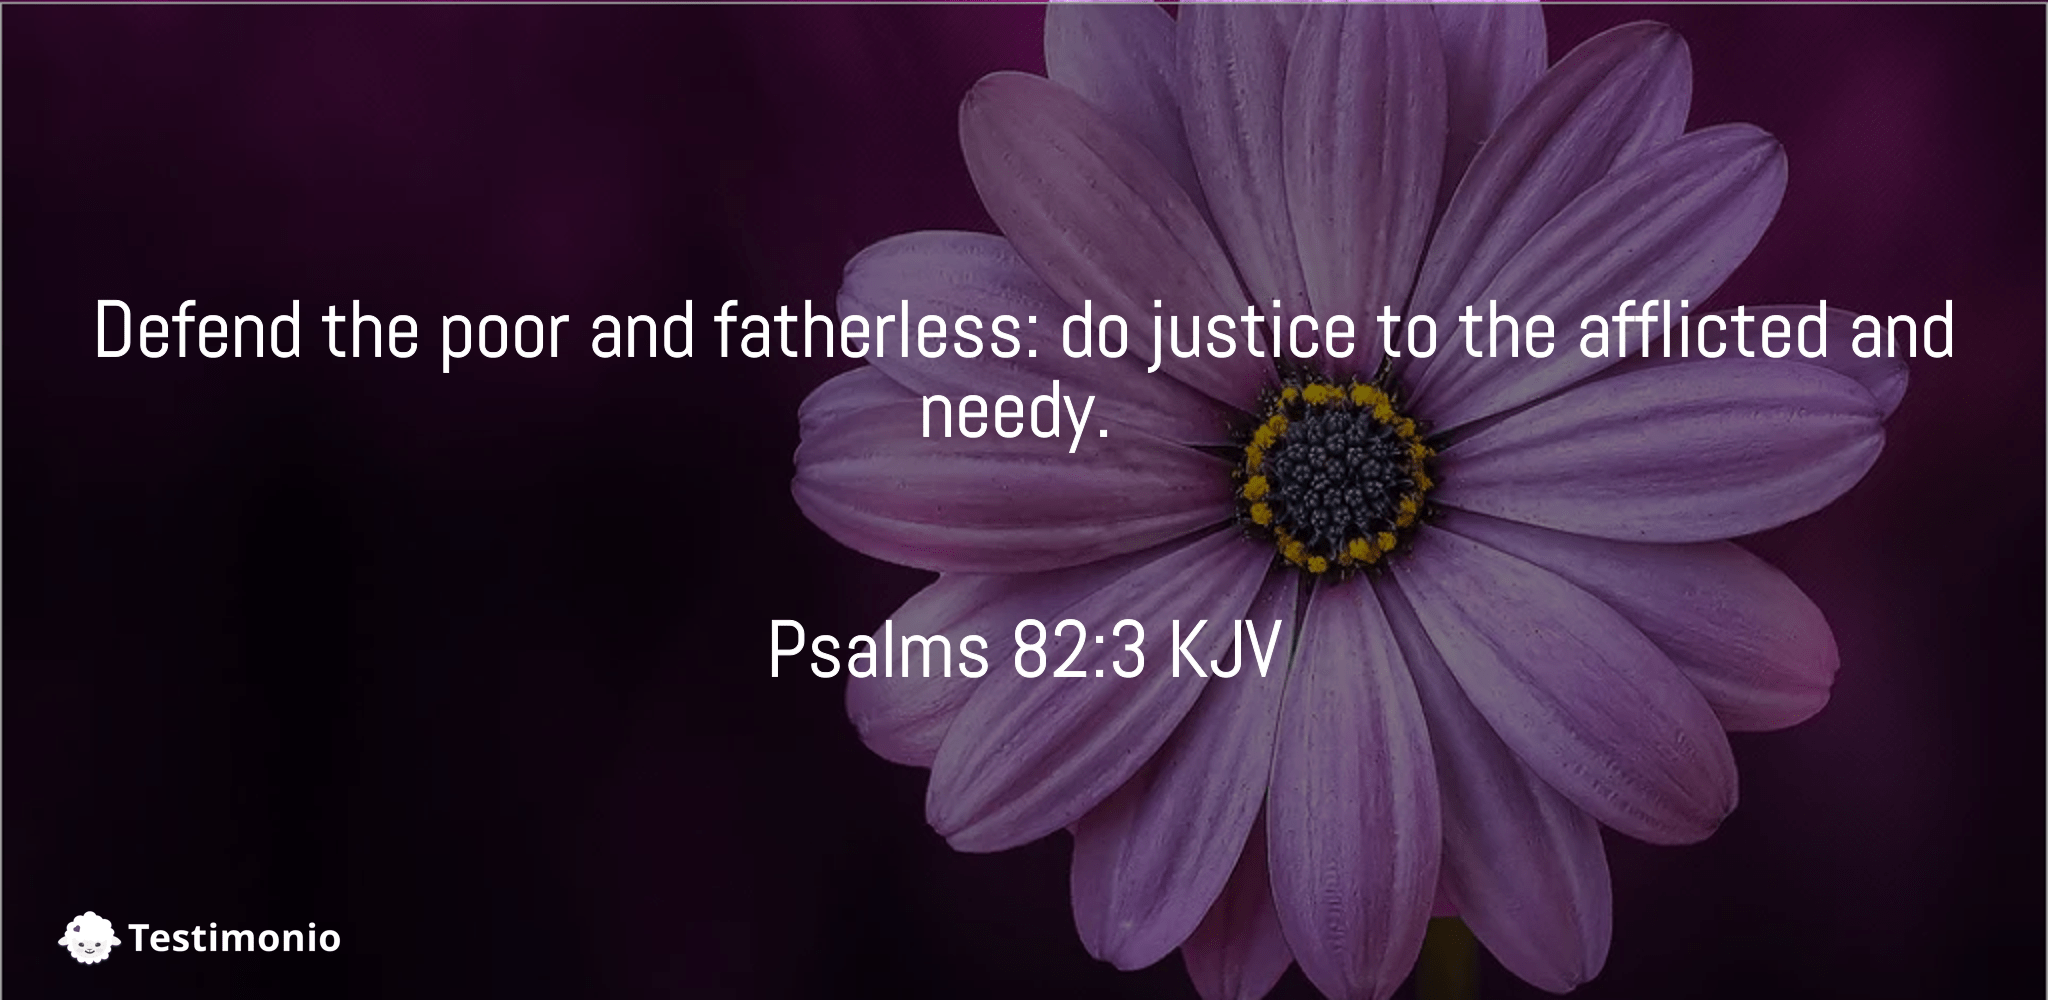 Psalms 82:3